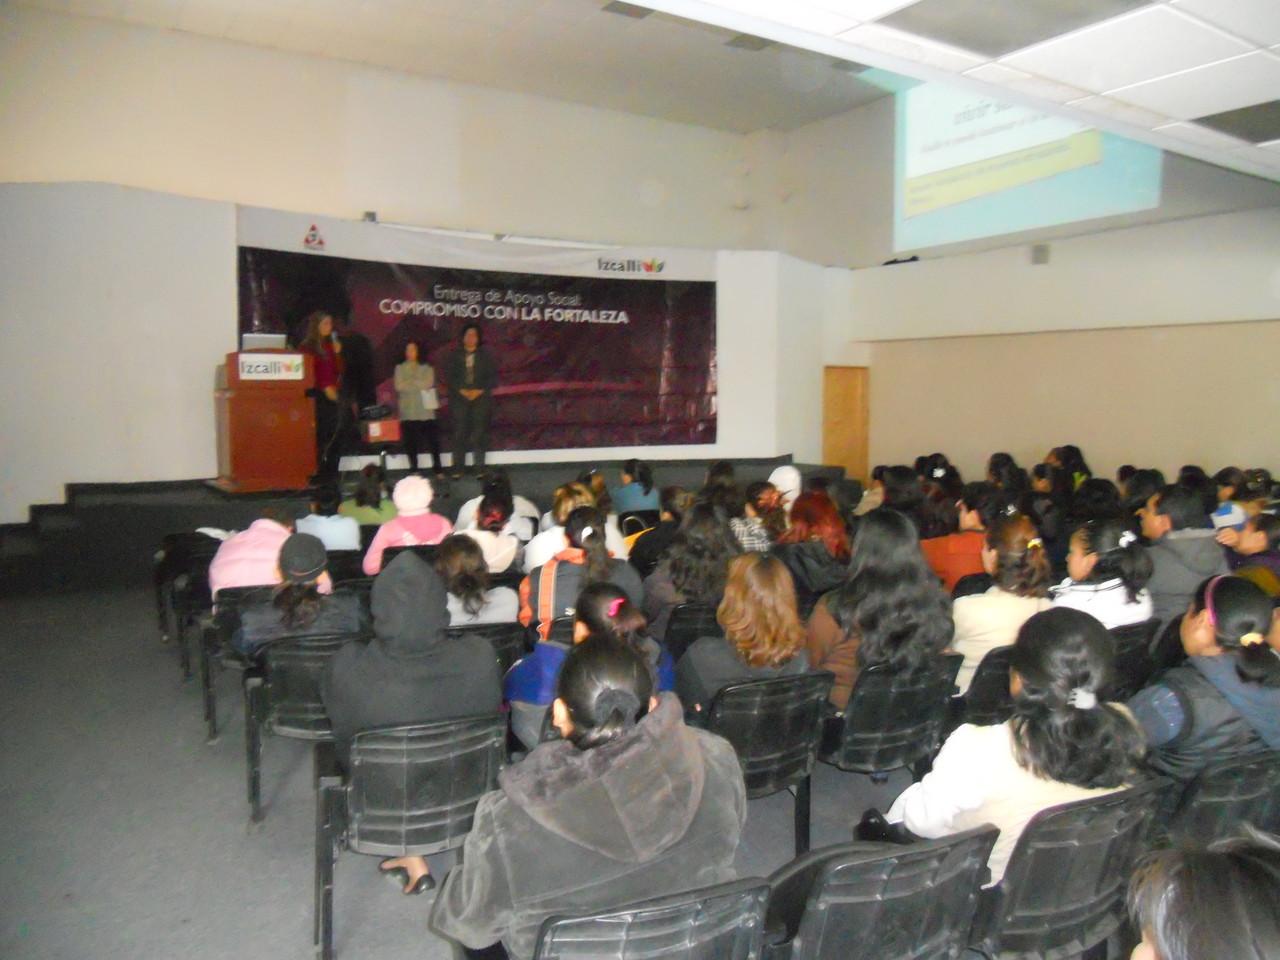 2 Conferencias en Cuautitlán Izcalli, noviembre de 2011, organizadas por el organismo municipal de mujeres.